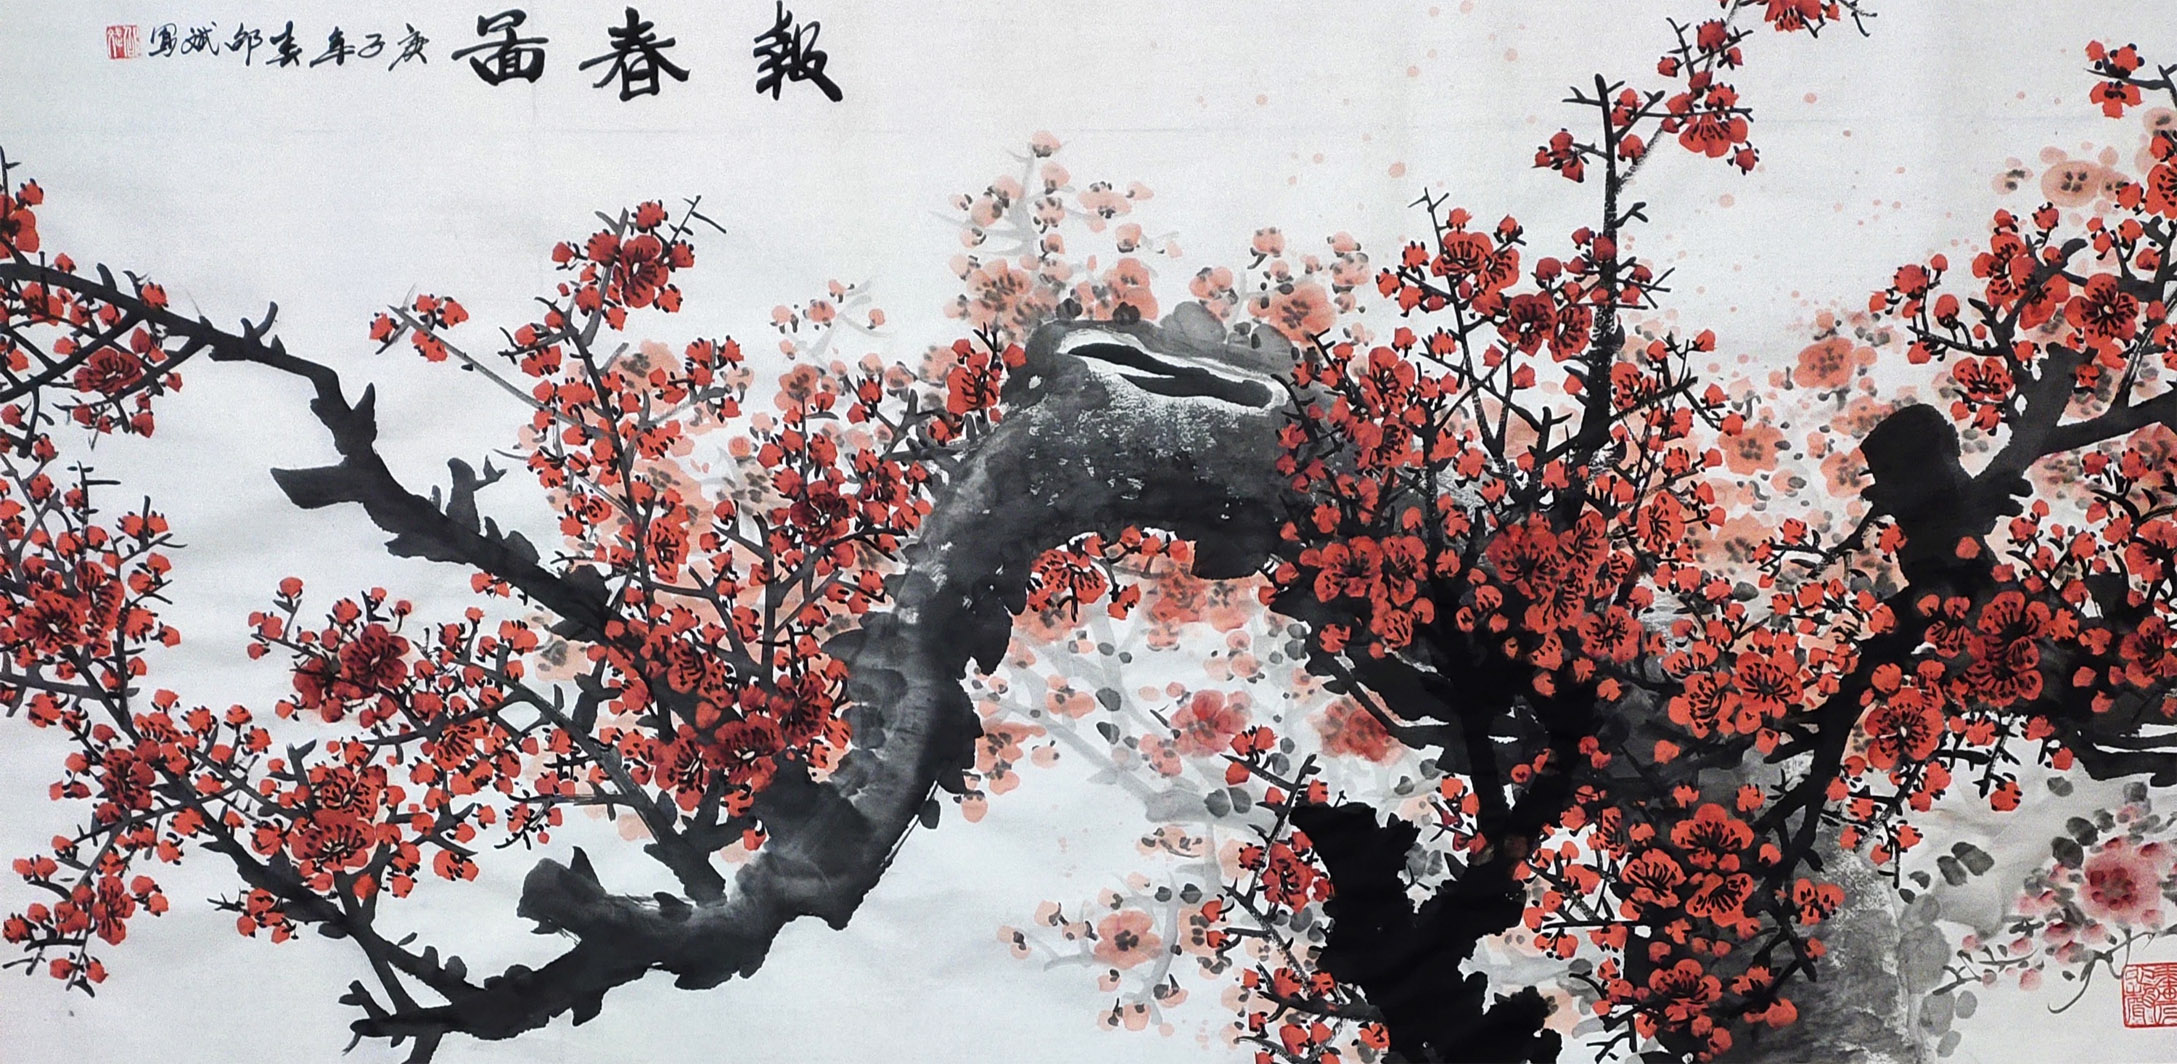 名家国画 报春图 红梅 庚子年春邵斌写意花鸟画